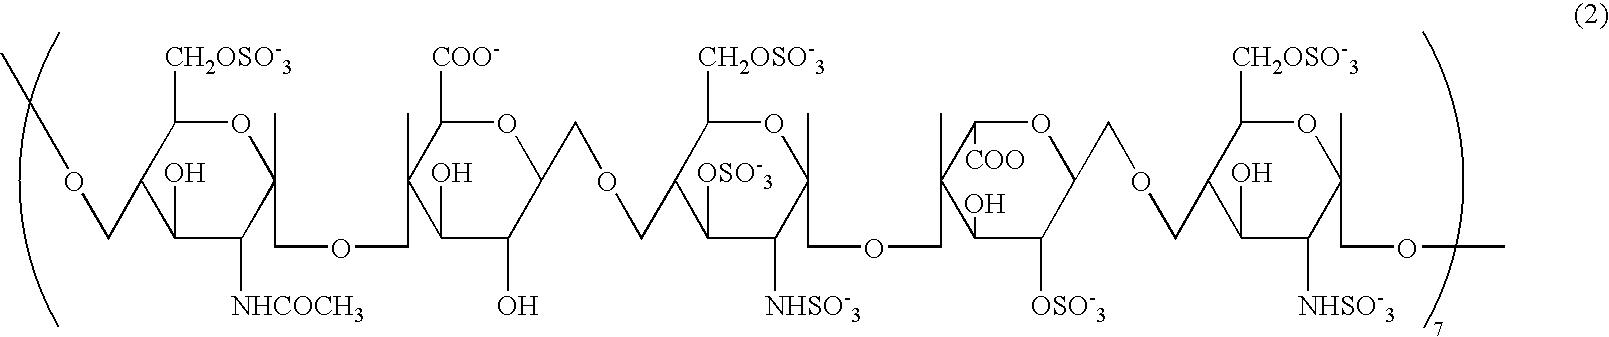 Figure US20070248675A1-20071025-C00002